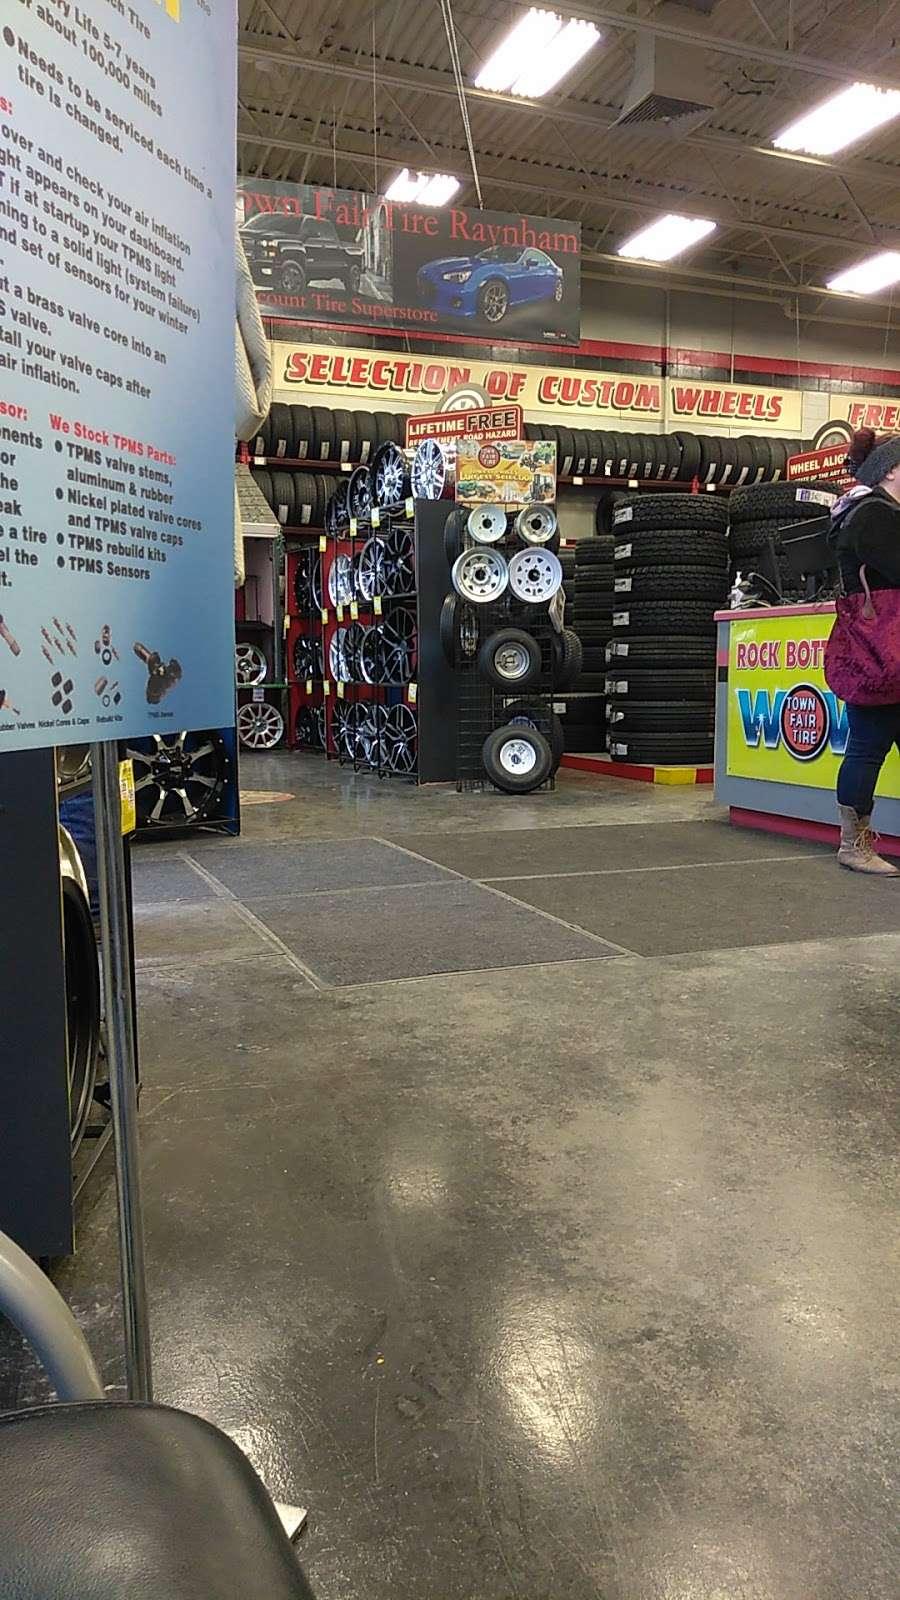 Town Fair Tire - car repair  | Photo 6 of 9 | Address: 255 US-44, Raynham, MA 02767, USA | Phone: (508) 821-2100